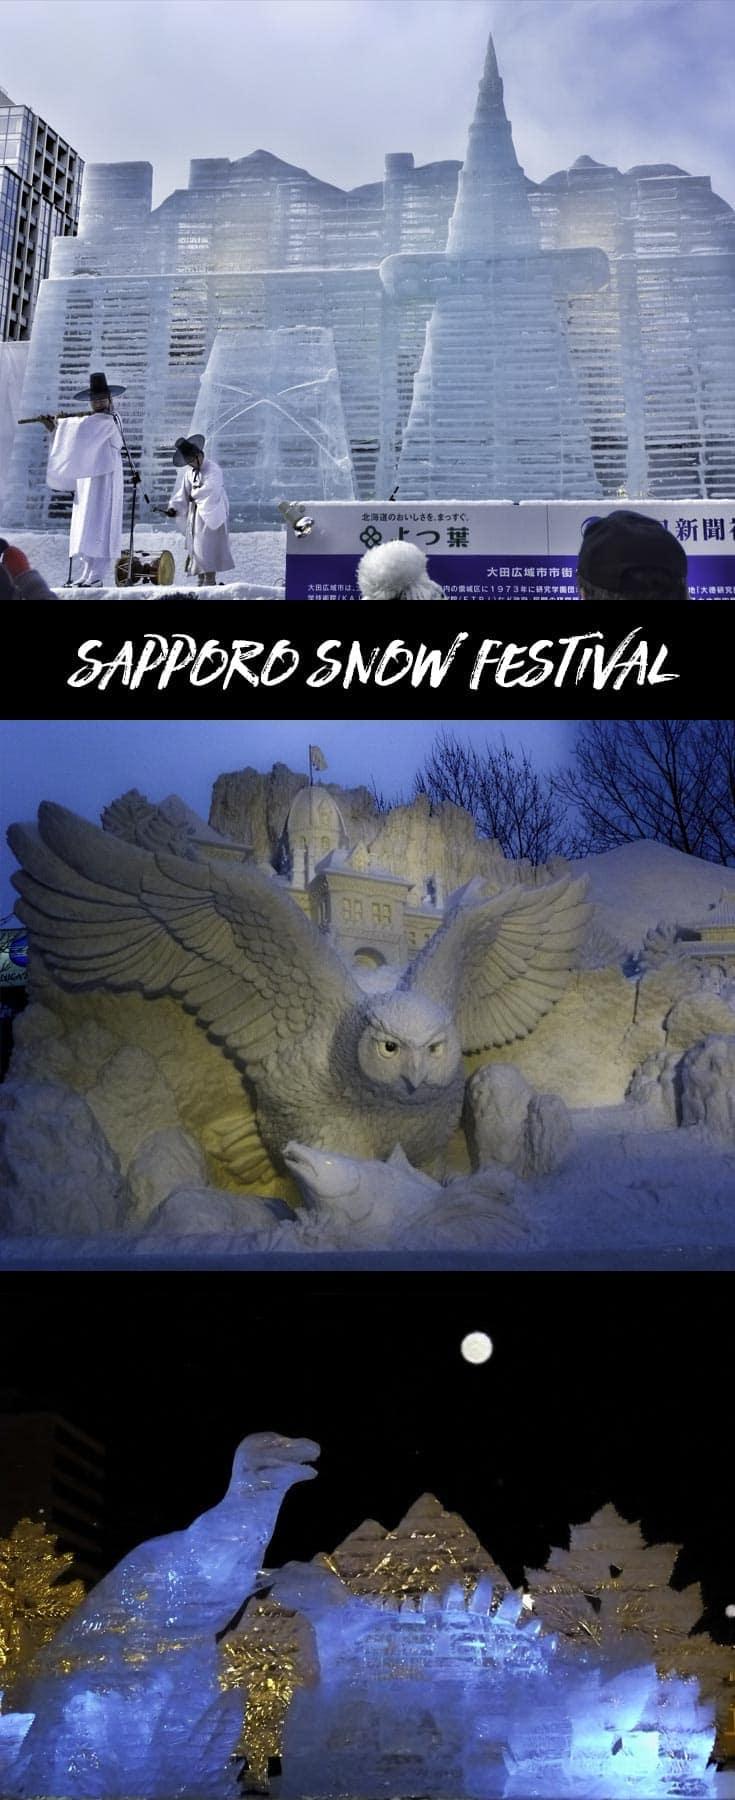 Sapporo Snow Festival in Japan